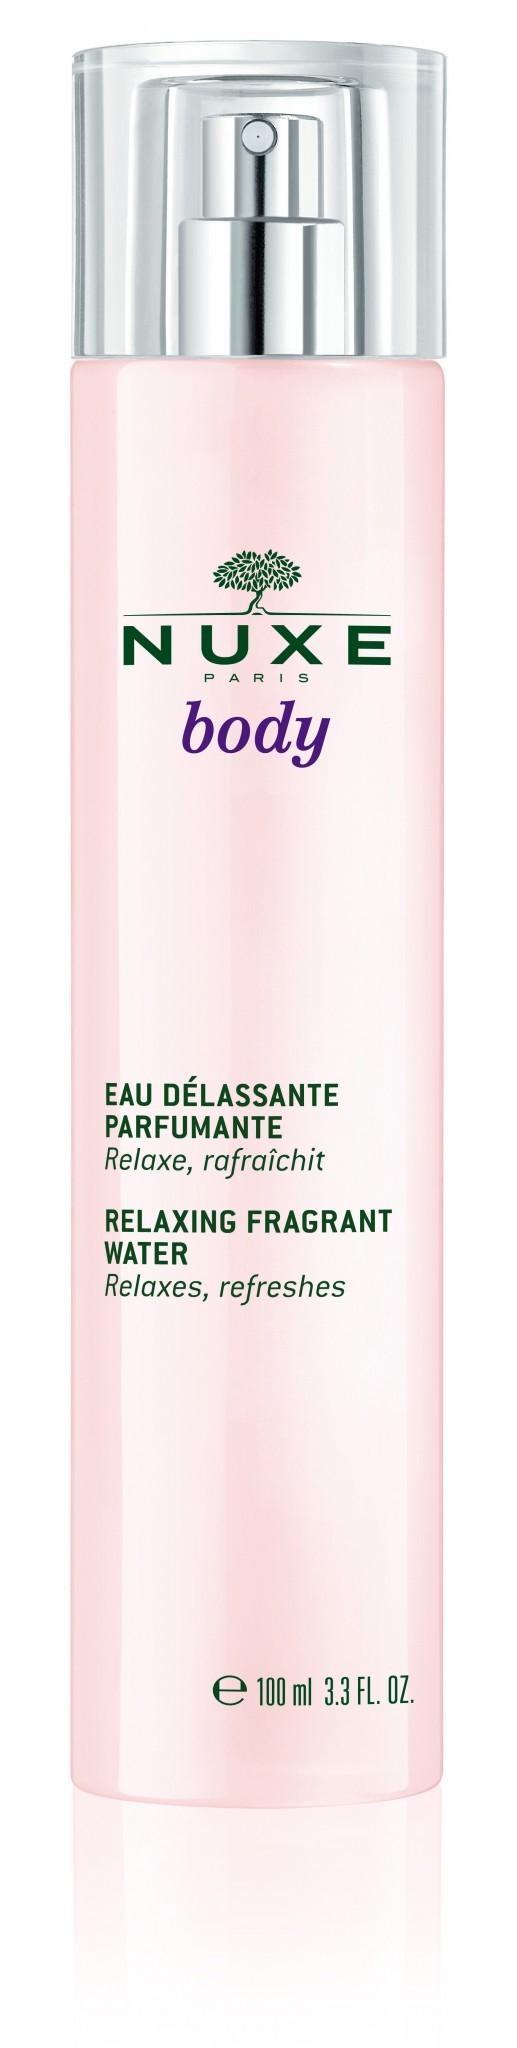 NUXE Água Relaxante Perfumada 100ml  €28,90